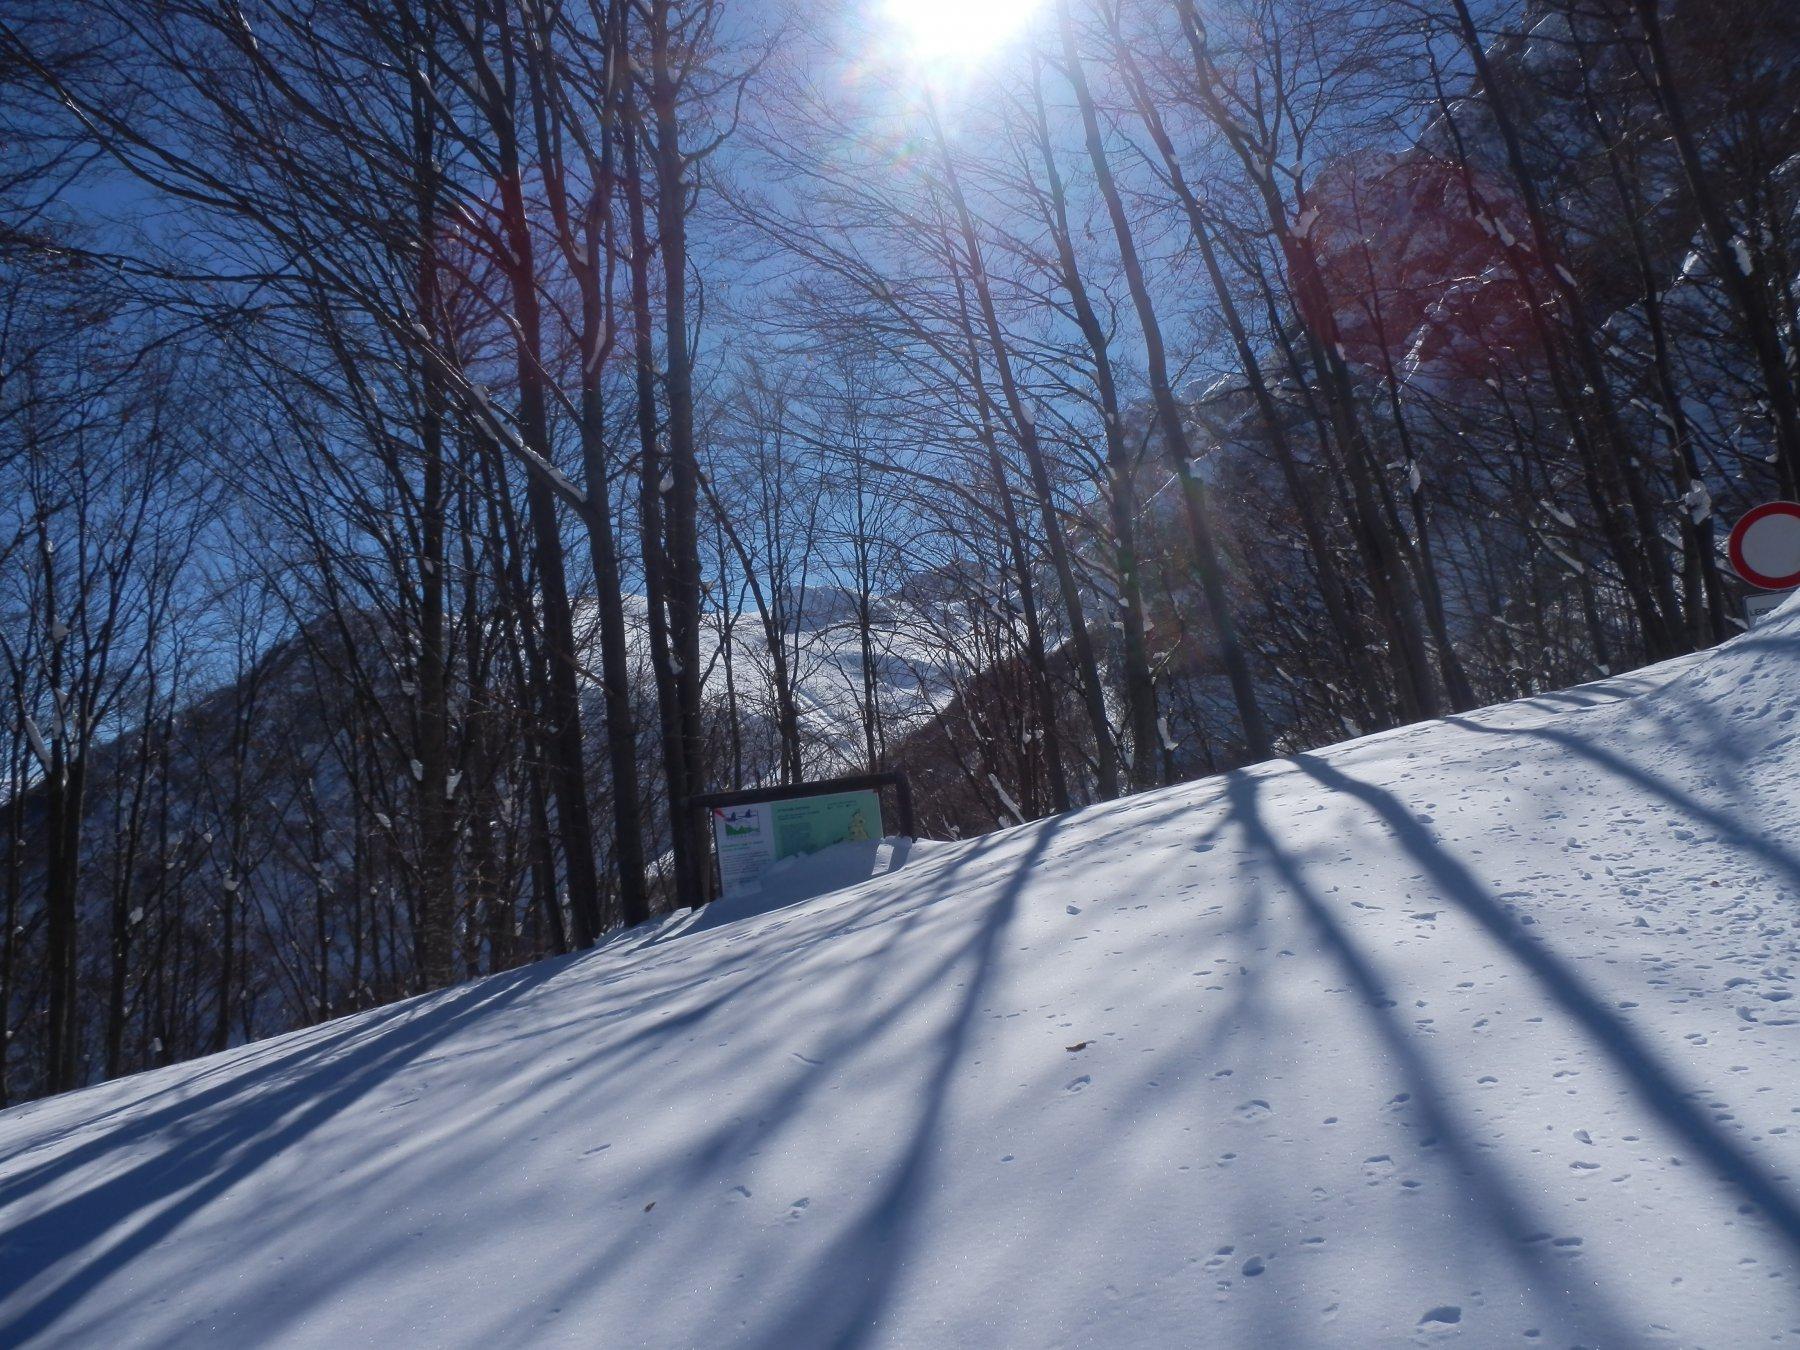 passaggio a q. 1500 circa, si nota il livello della neve